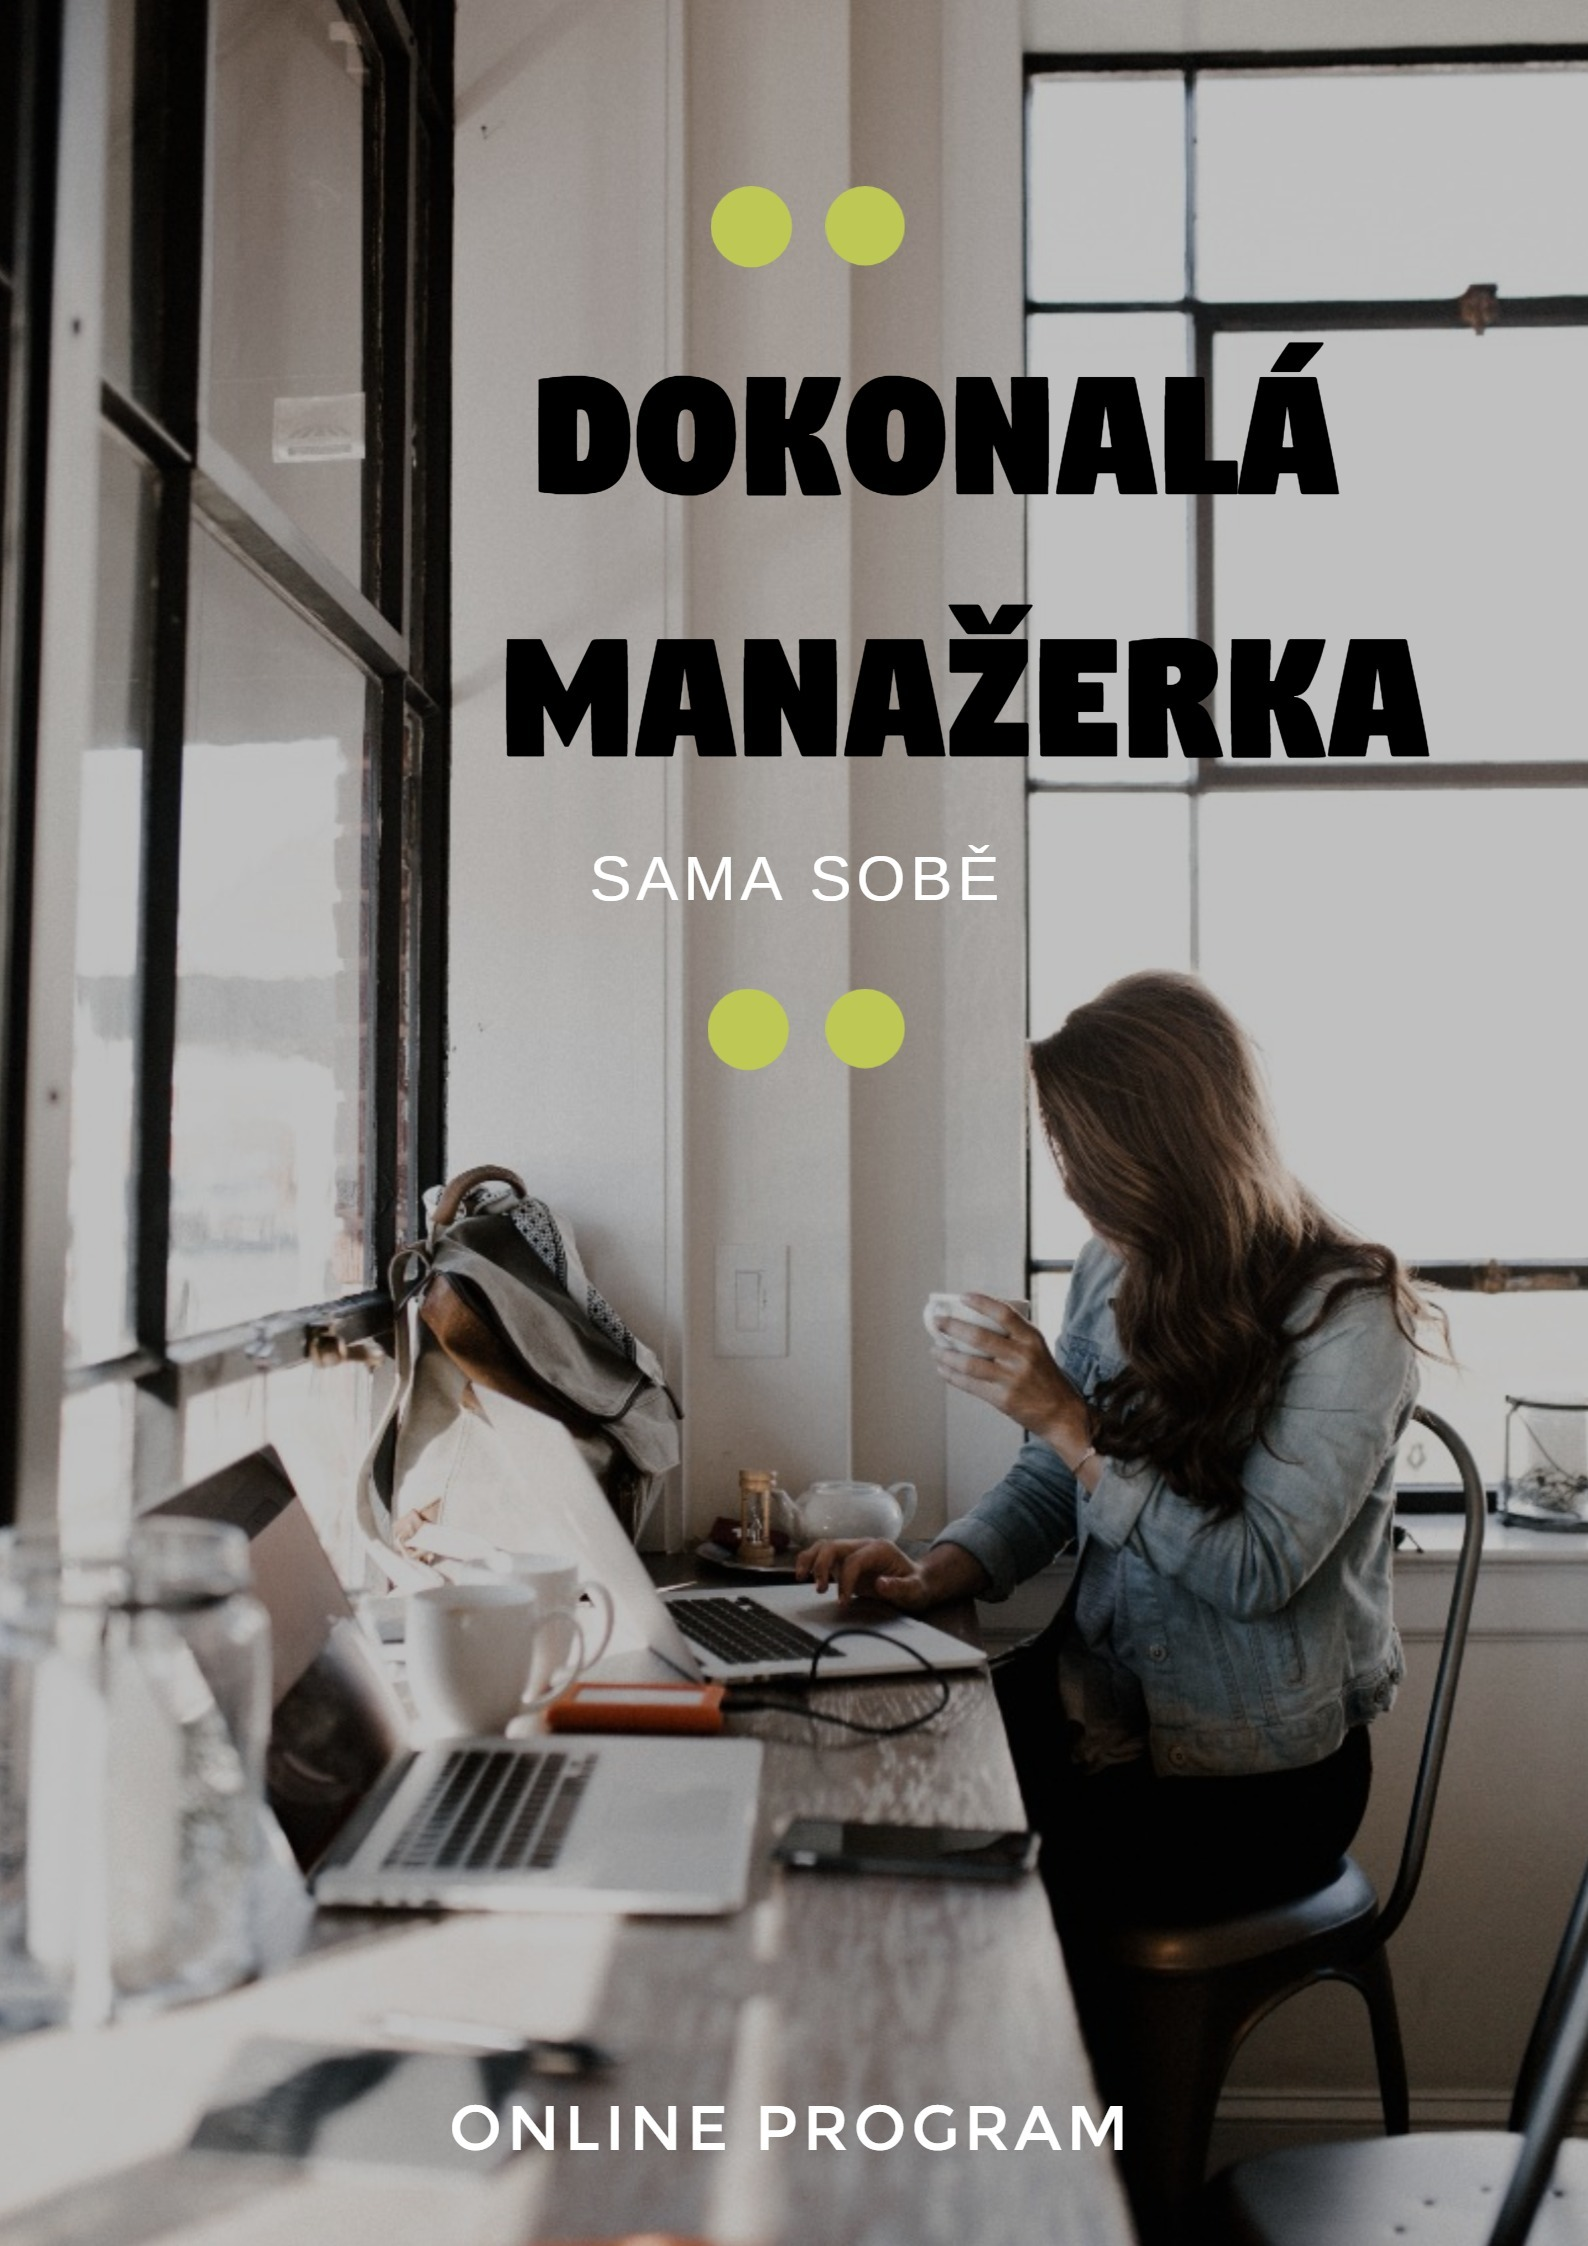 dokonala_manazerka